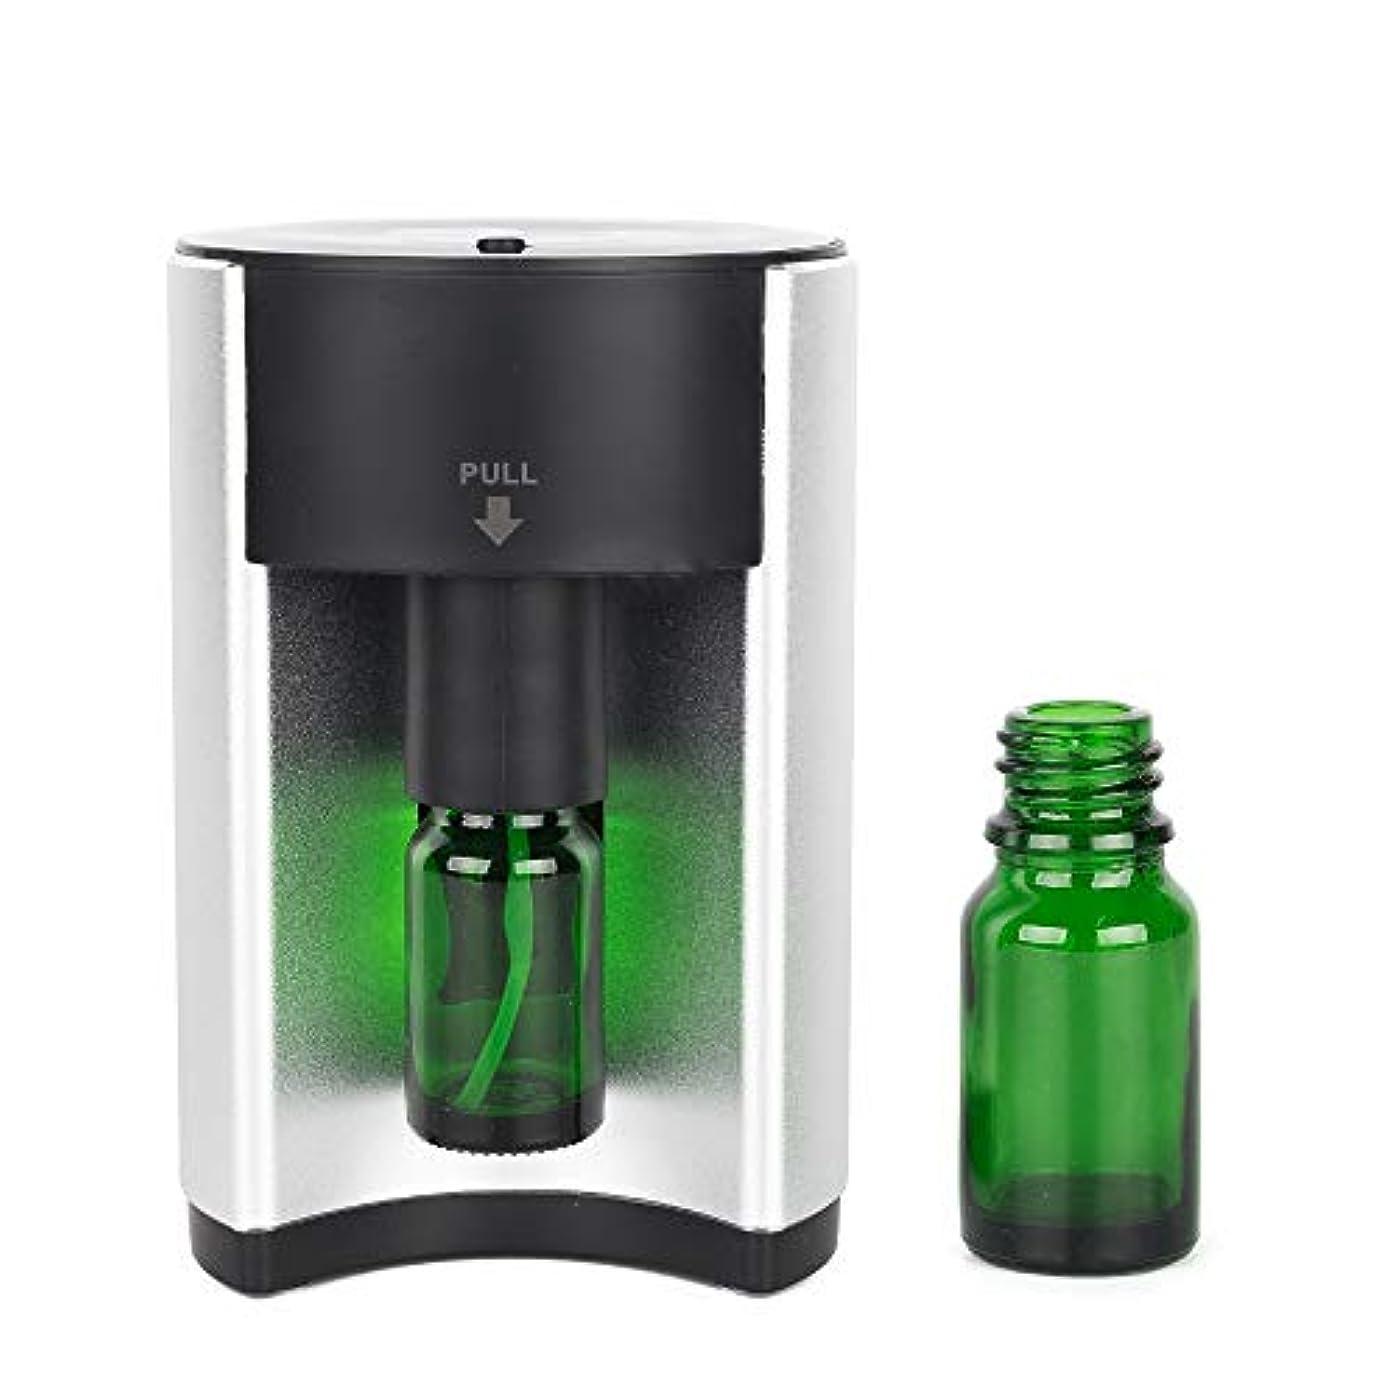 演劇独立してスツールアロマディフューザー アロマ 芳香器 (GT-SH-S1)アロマオイル ネブライザー式 アロマポット usb コンセント 小型 香り おしゃれ 可愛い シンプル 軽量 卓上 シンプル スマート 水を使わない オイル別売り